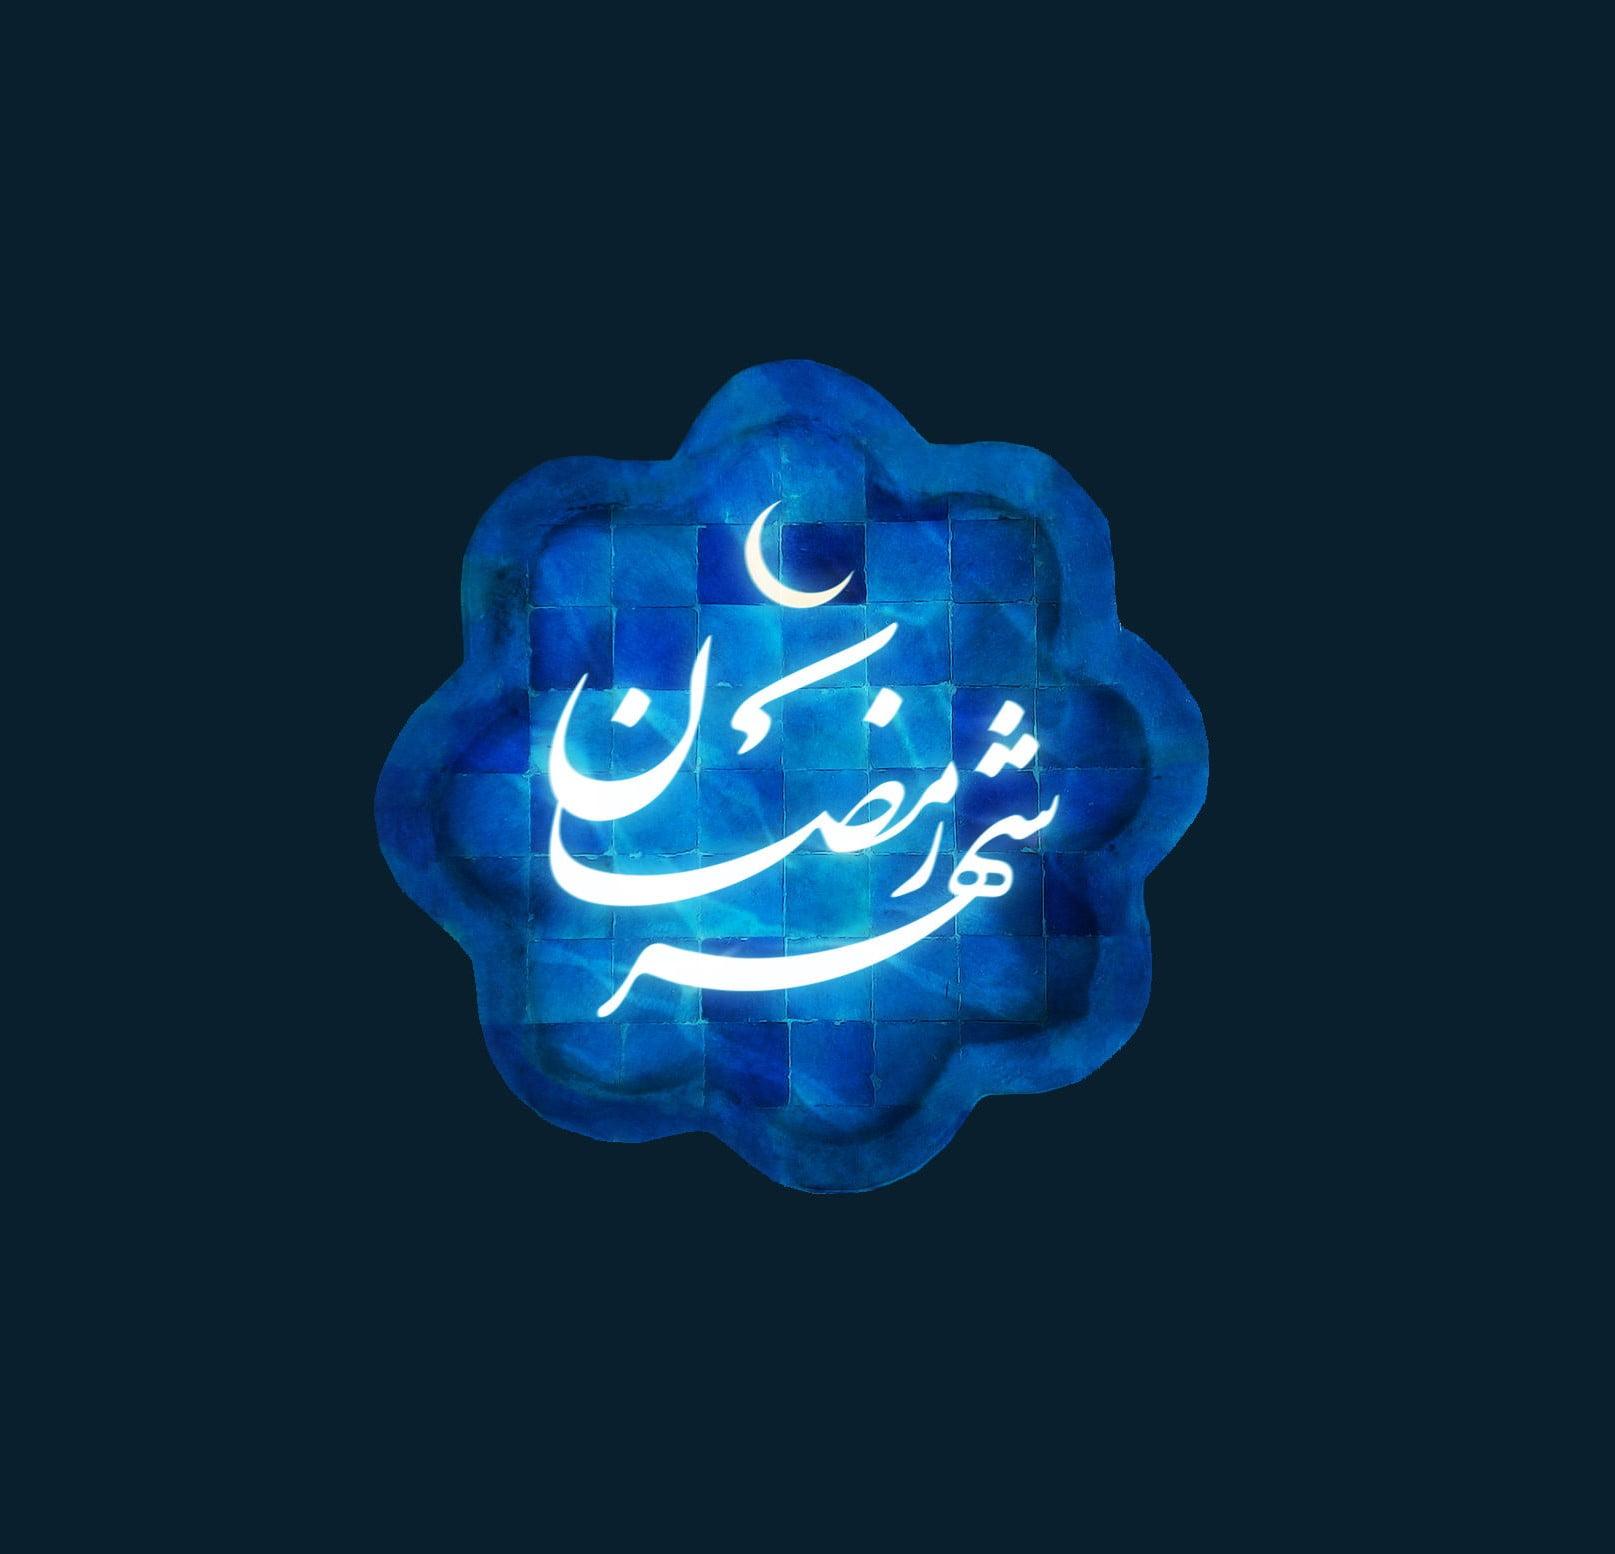 اعمال شب های ماه رمضان